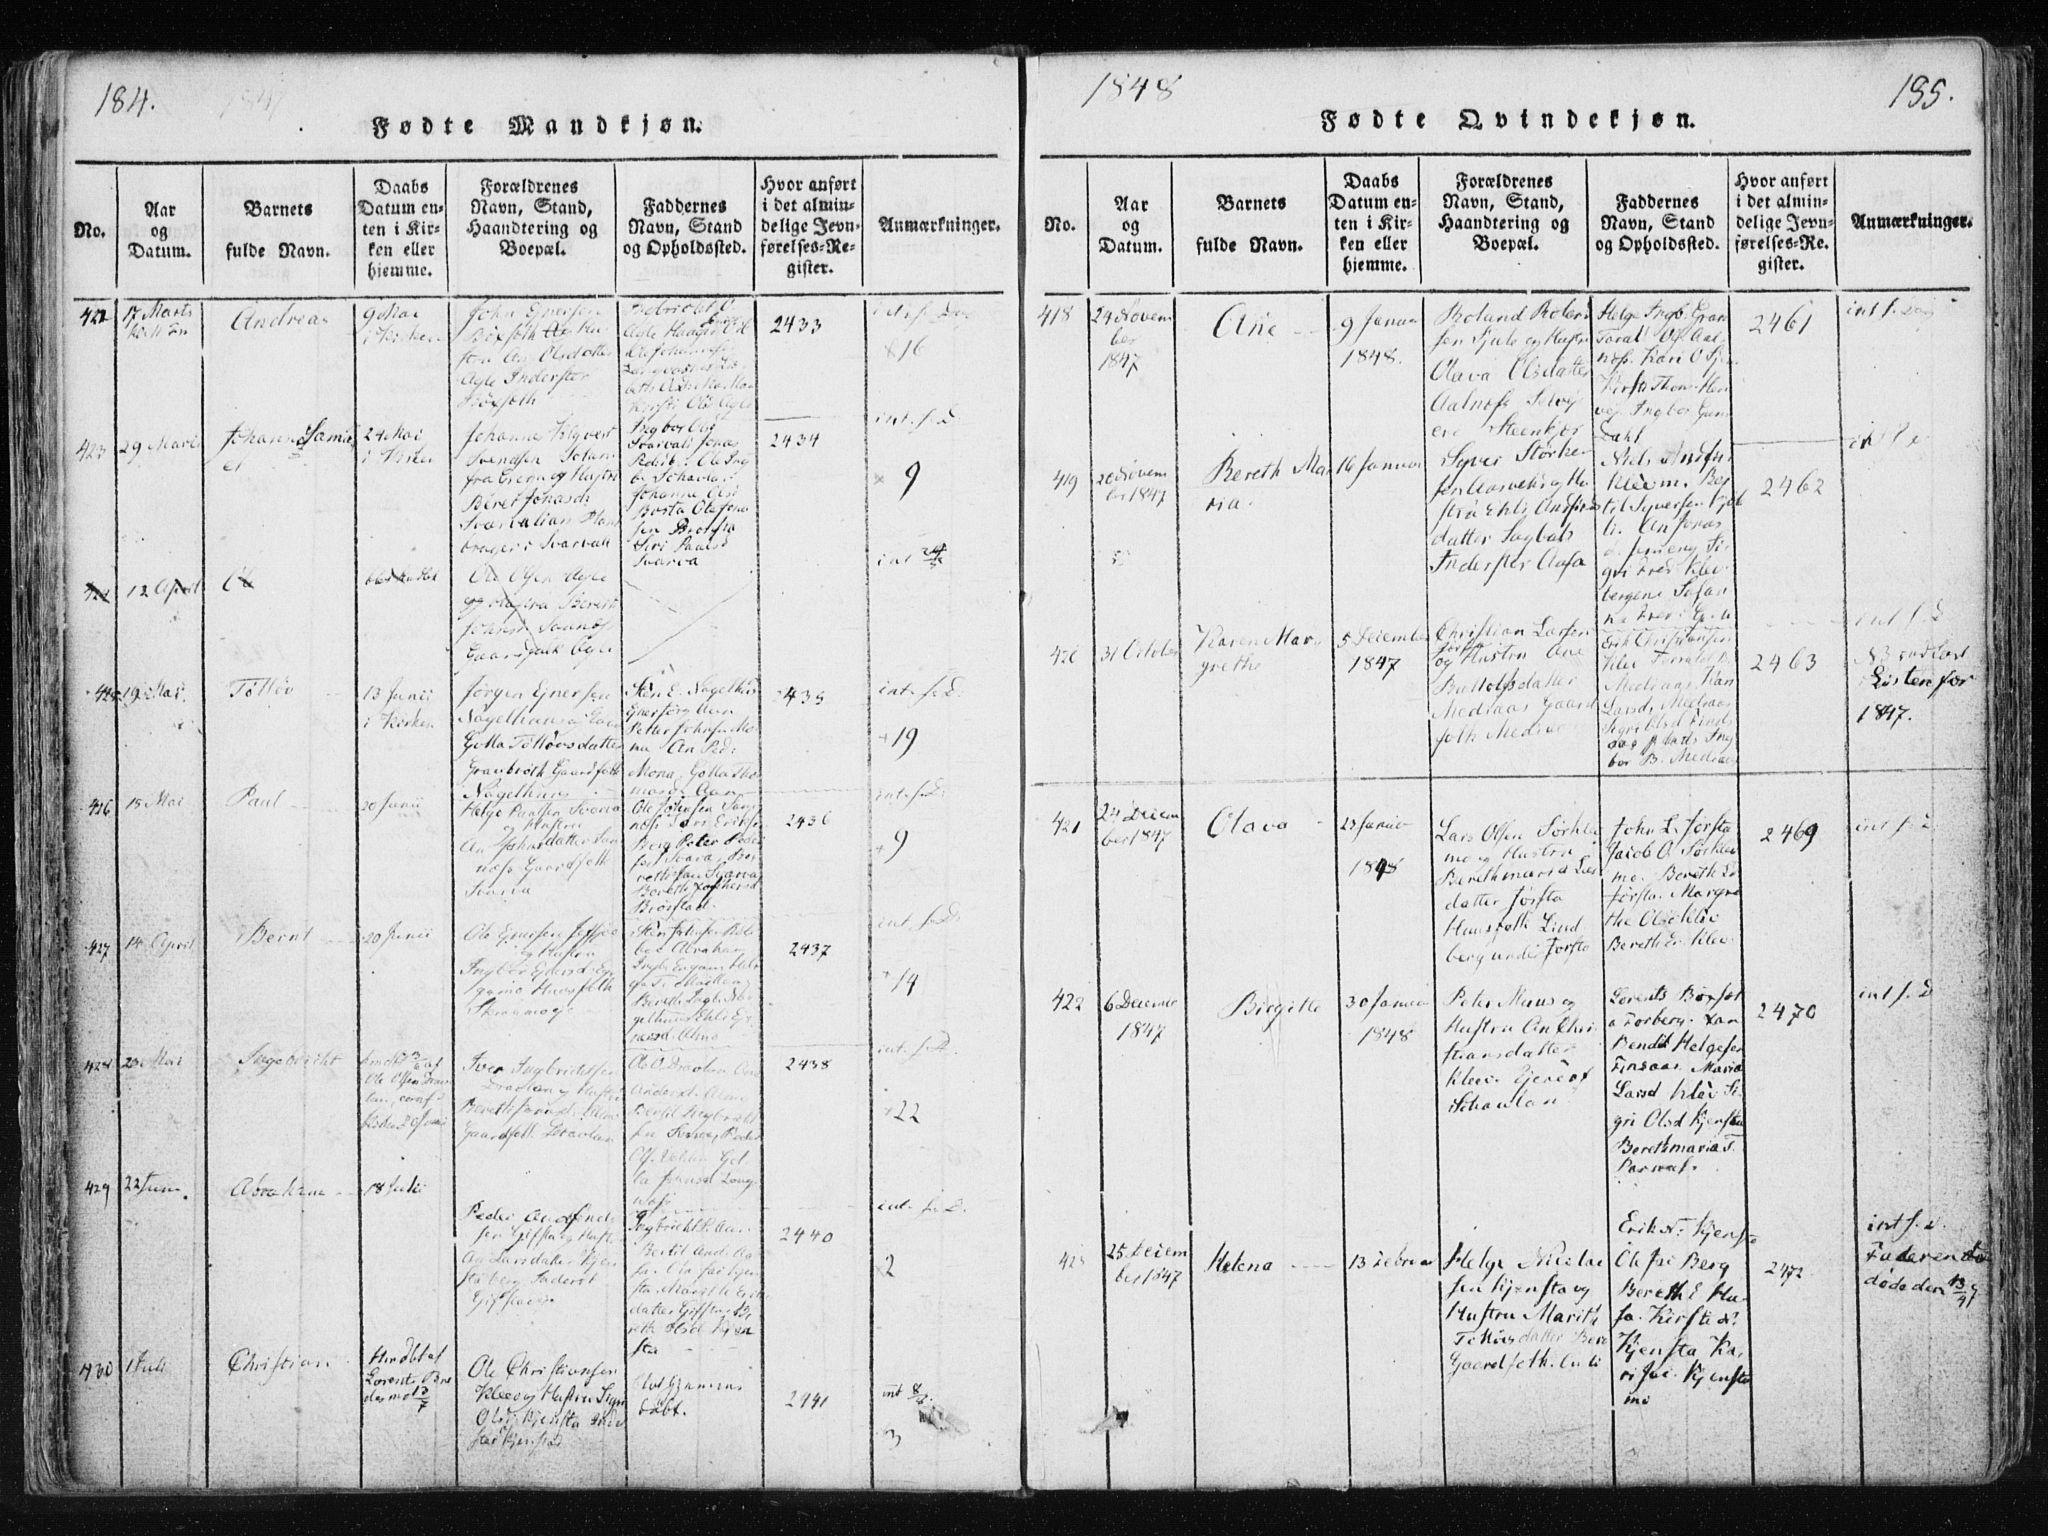 SAT, Ministerialprotokoller, klokkerbøker og fødselsregistre - Nord-Trøndelag, 749/L0469: Ministerialbok nr. 749A03, 1817-1857, s. 184-185